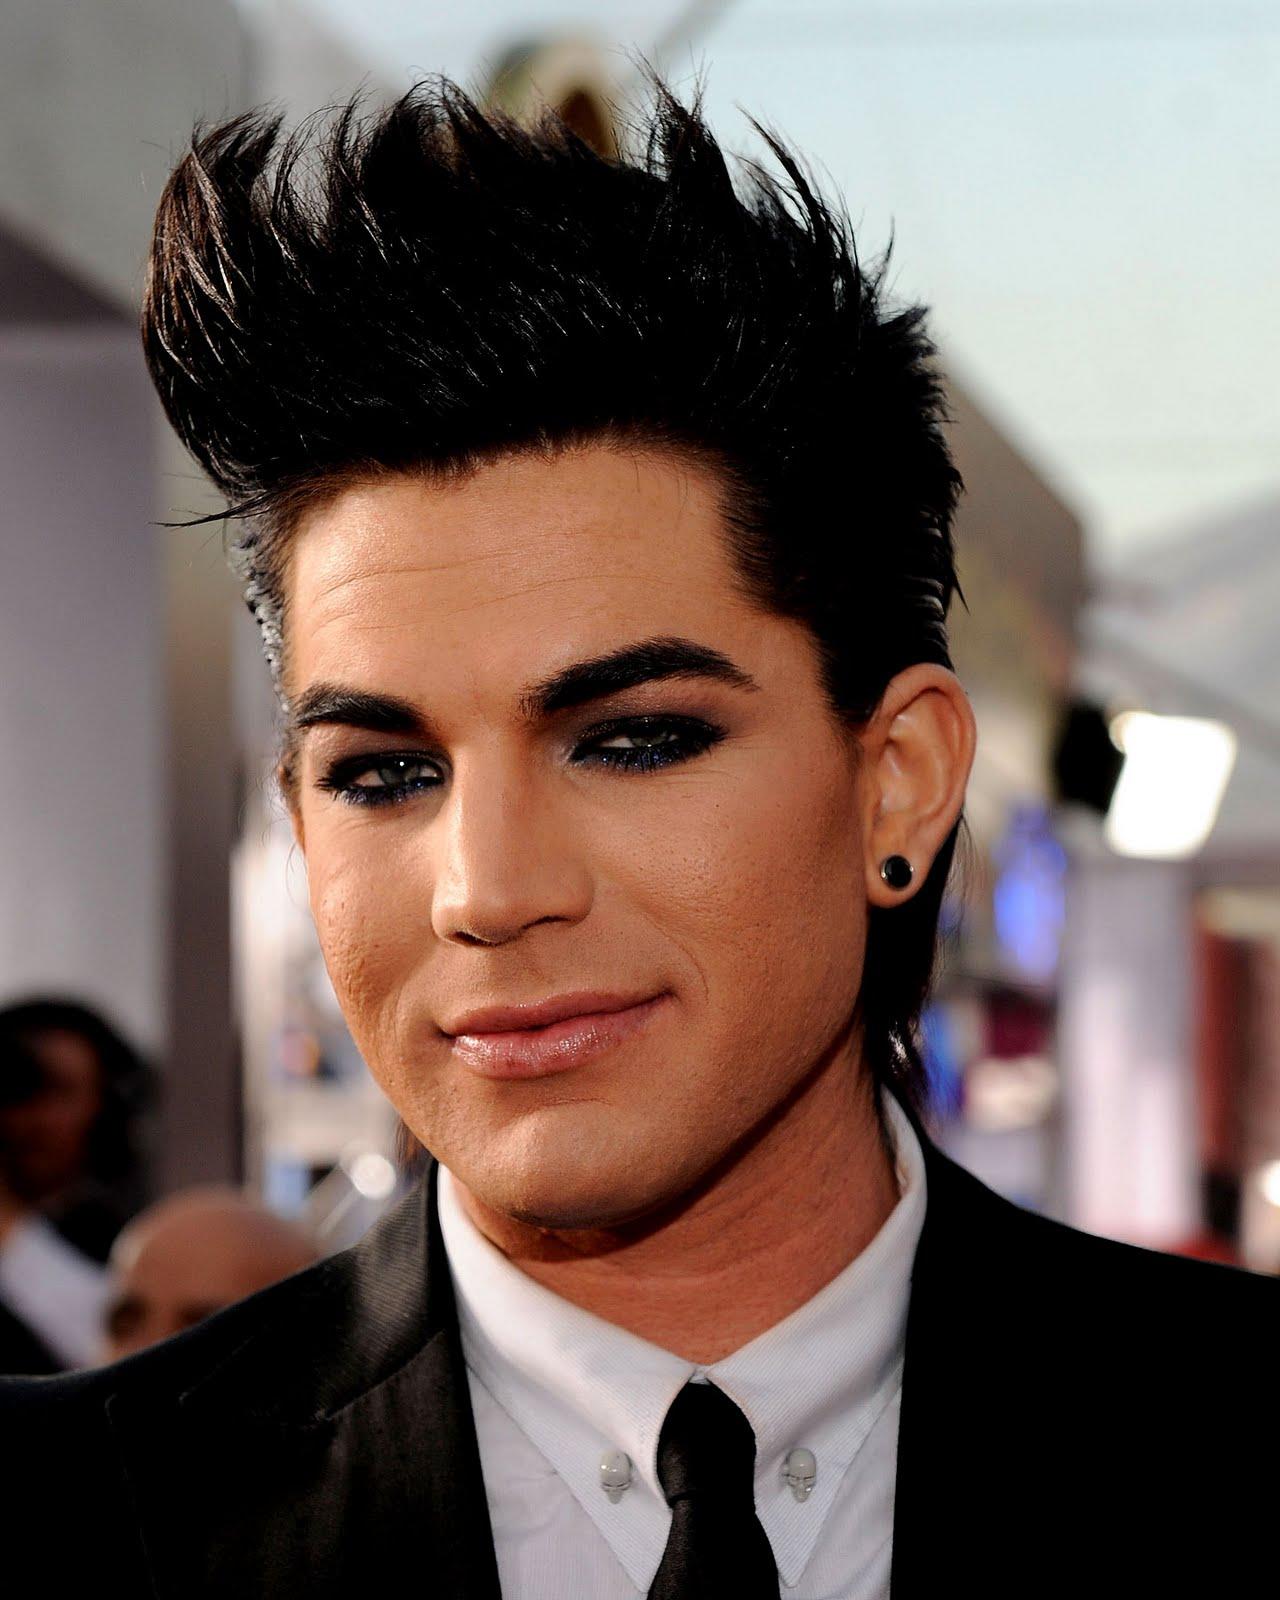 How-To Adam Lambert SAG Awards Makeup 2011 ~ Glamatronic